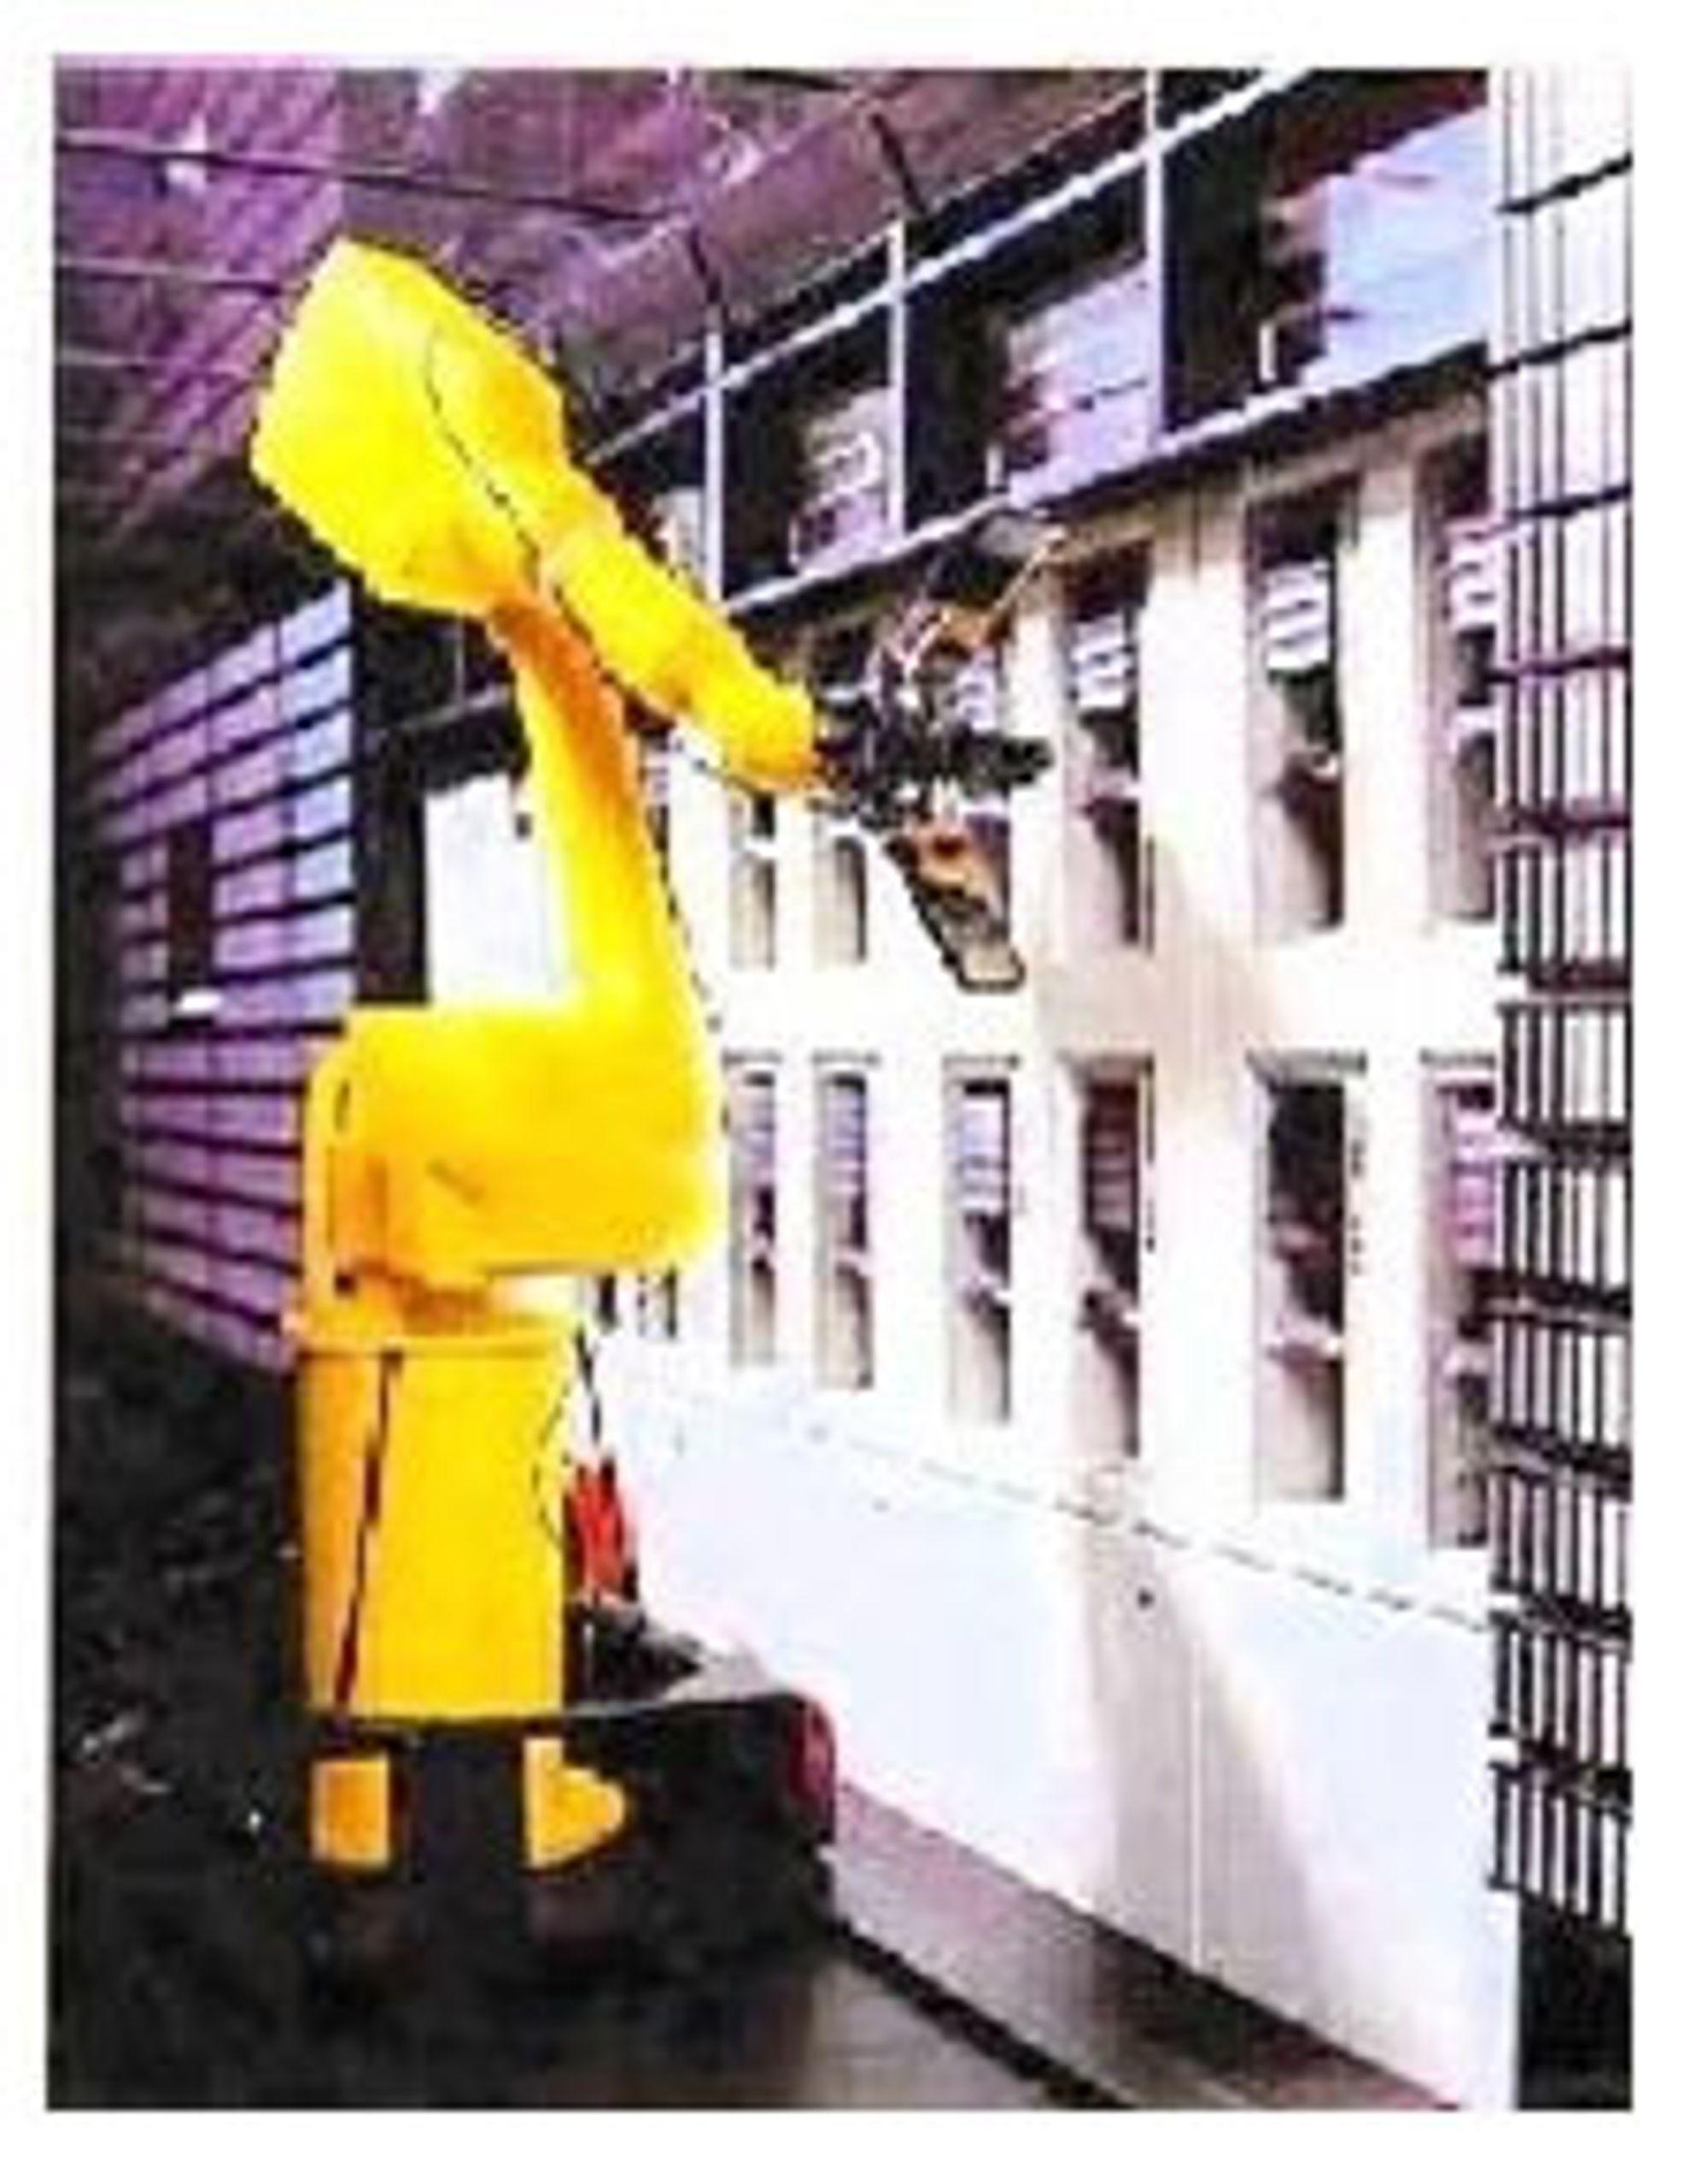 Arkiveringsrobot fra 1995. Bilde: IBM